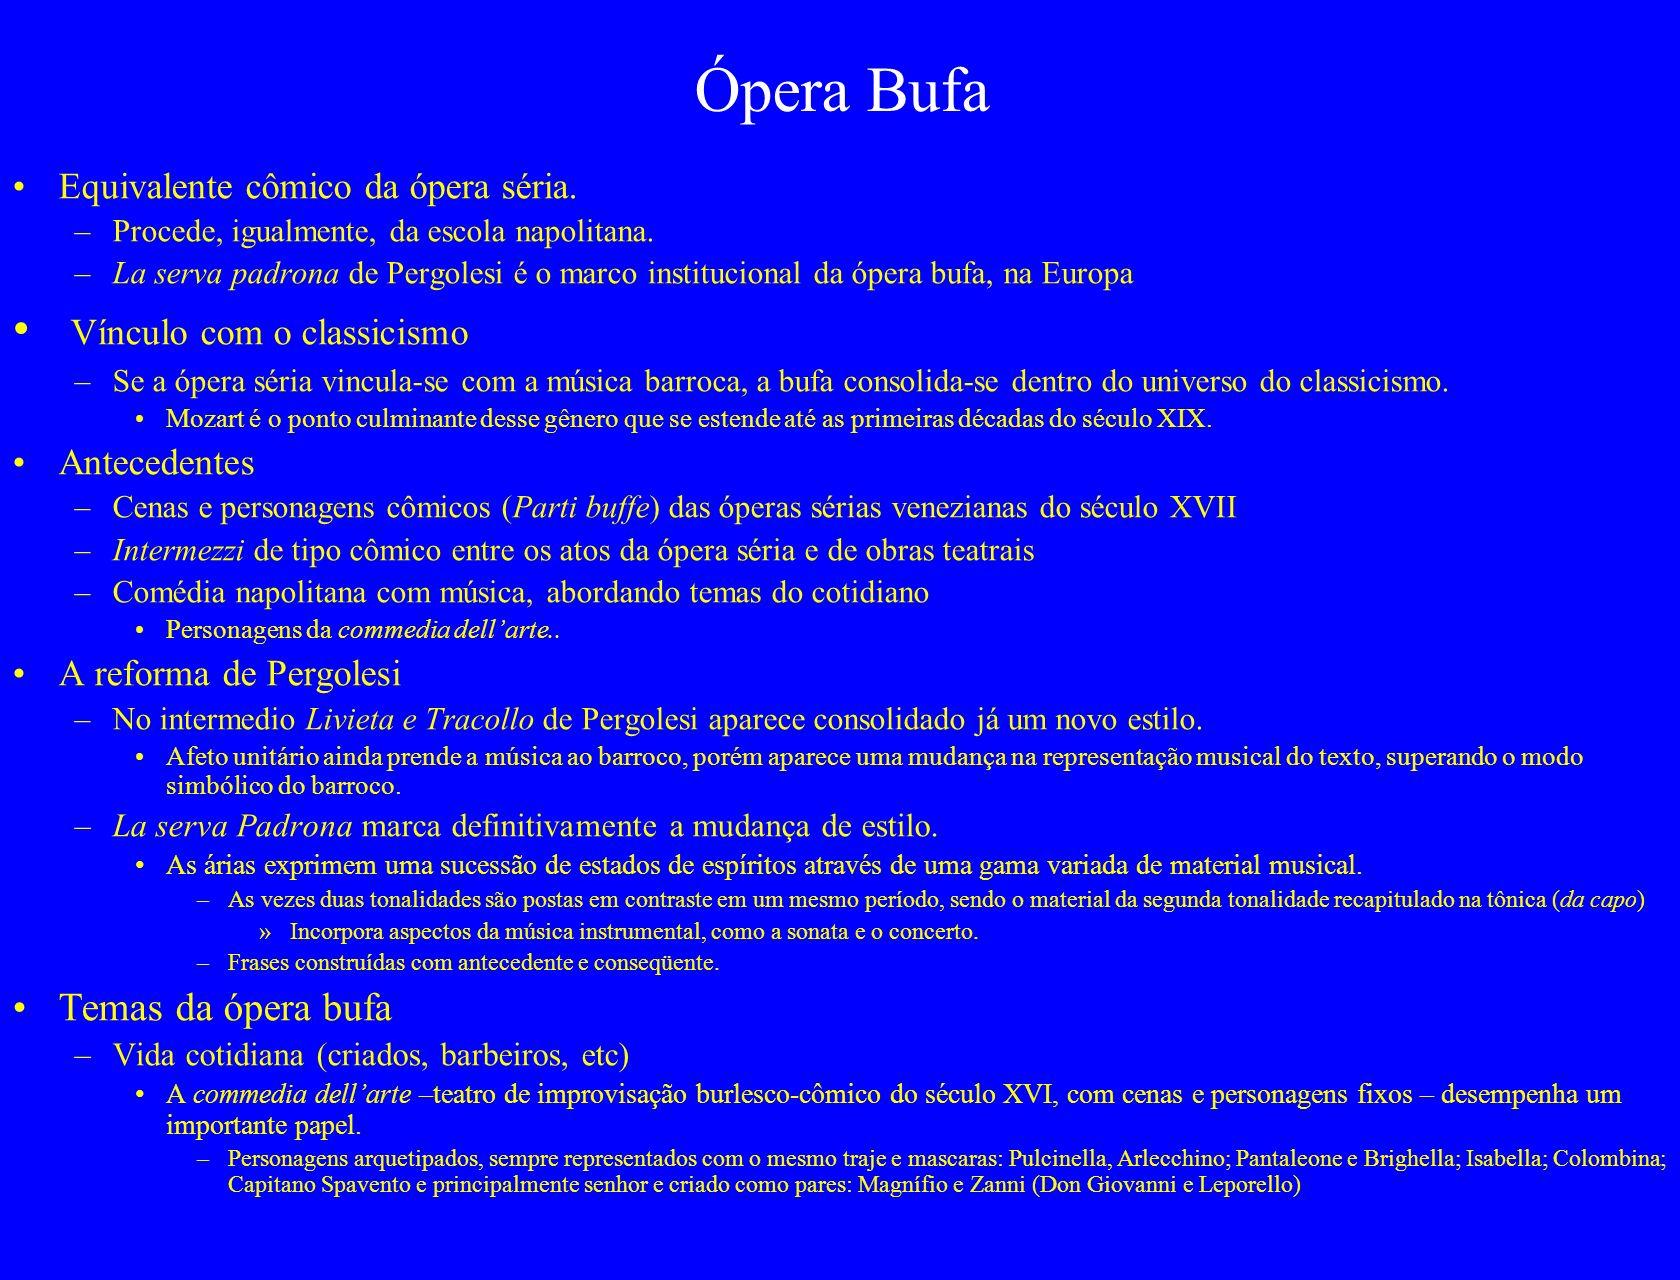 Ópera bufa em Mozart Espírito coletivo e concertante –Na ópera bufa, assim como na séria, existem alternância de recitativos e árias, porém esses gêneros não tem a importância dos conjuntos.